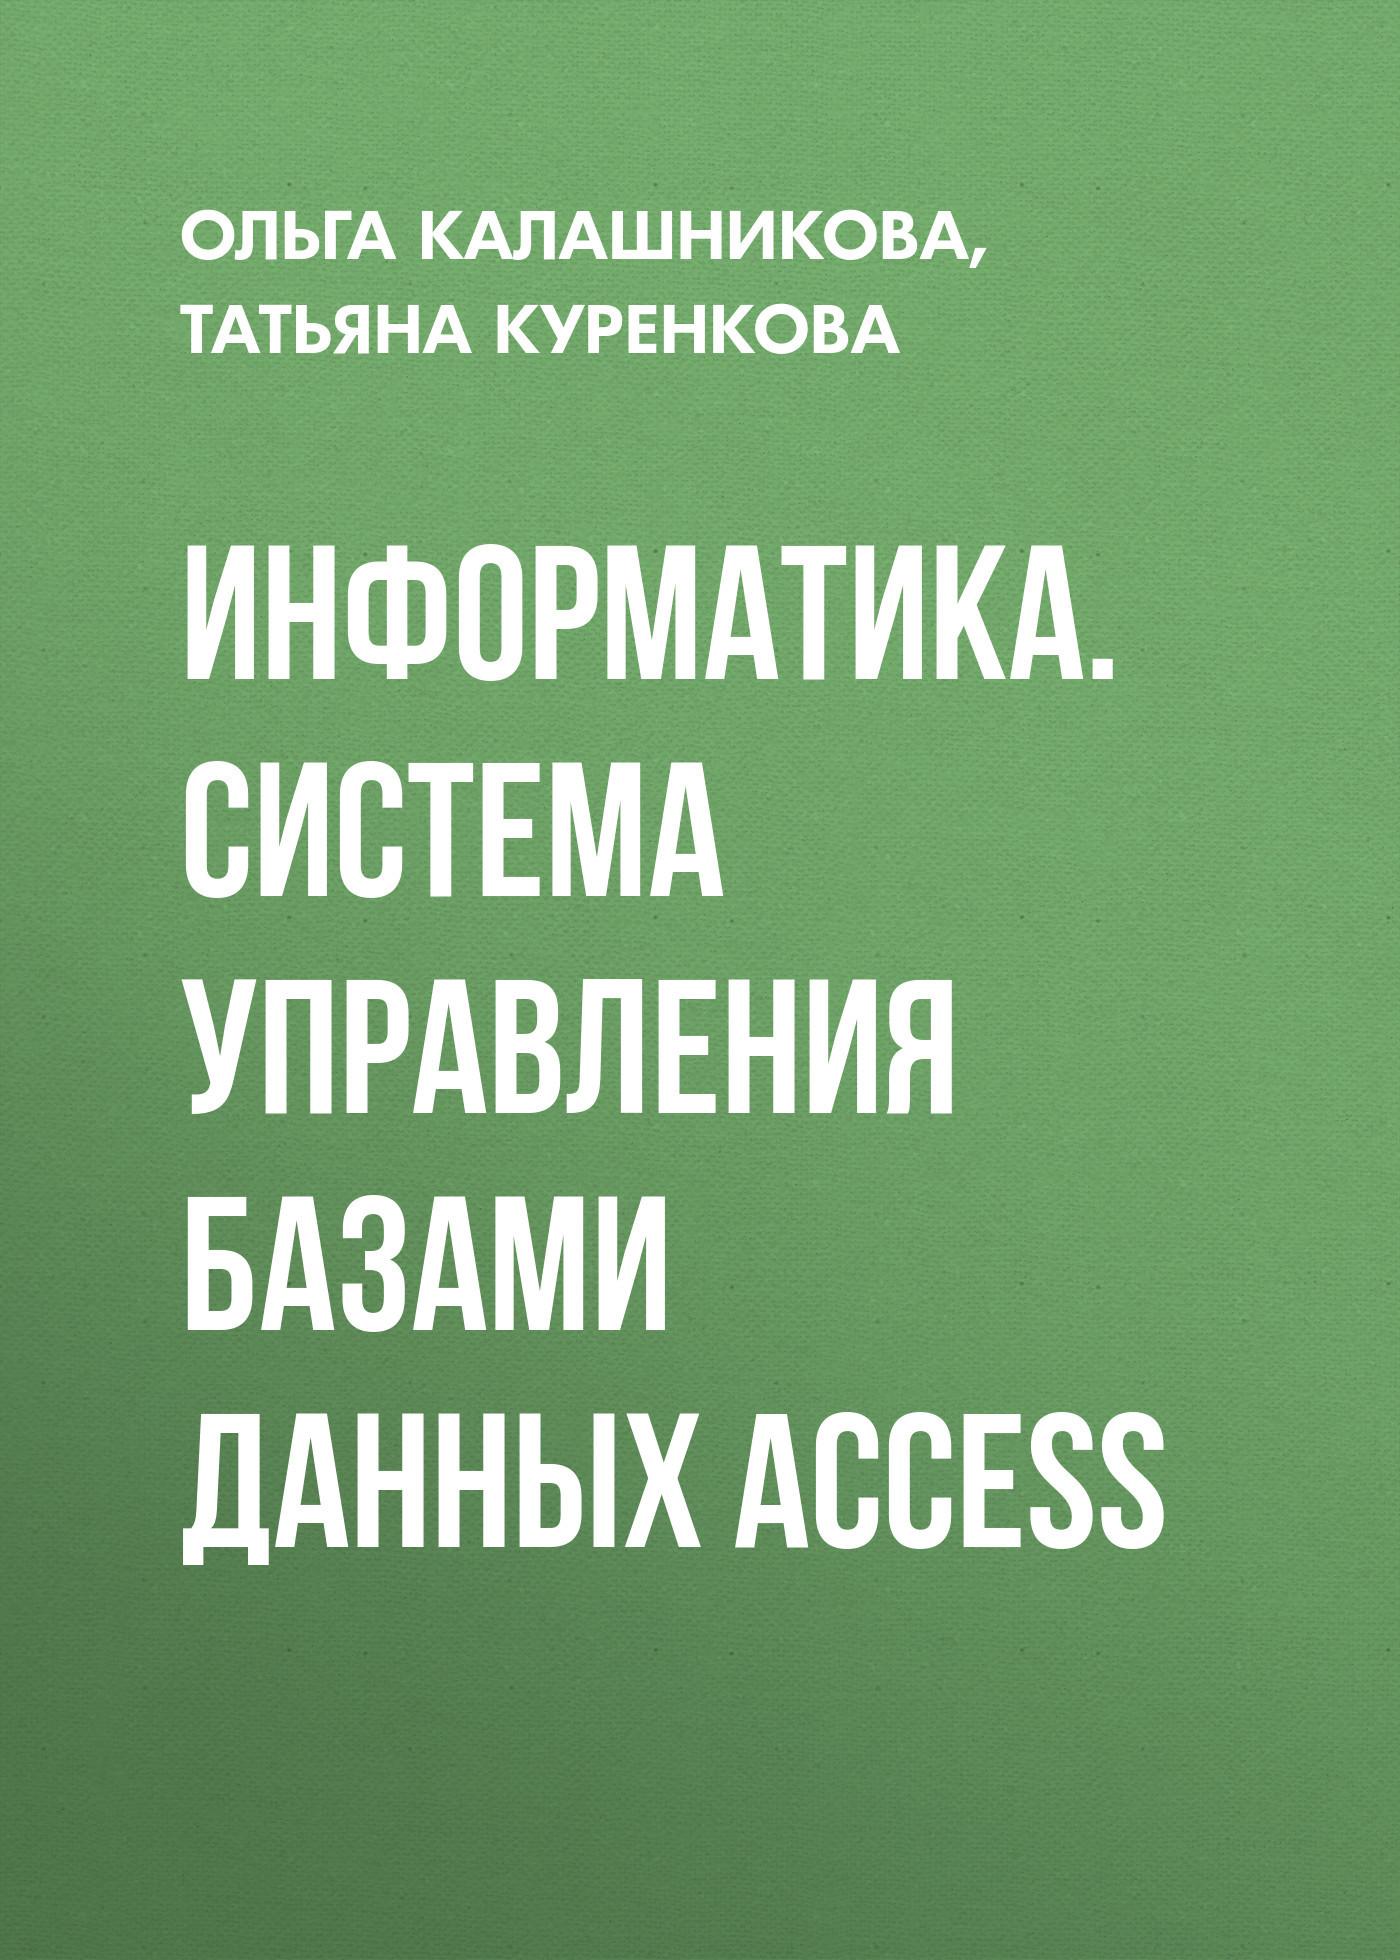 Ольга Калашникова Информатика. Система управления базами данных Access